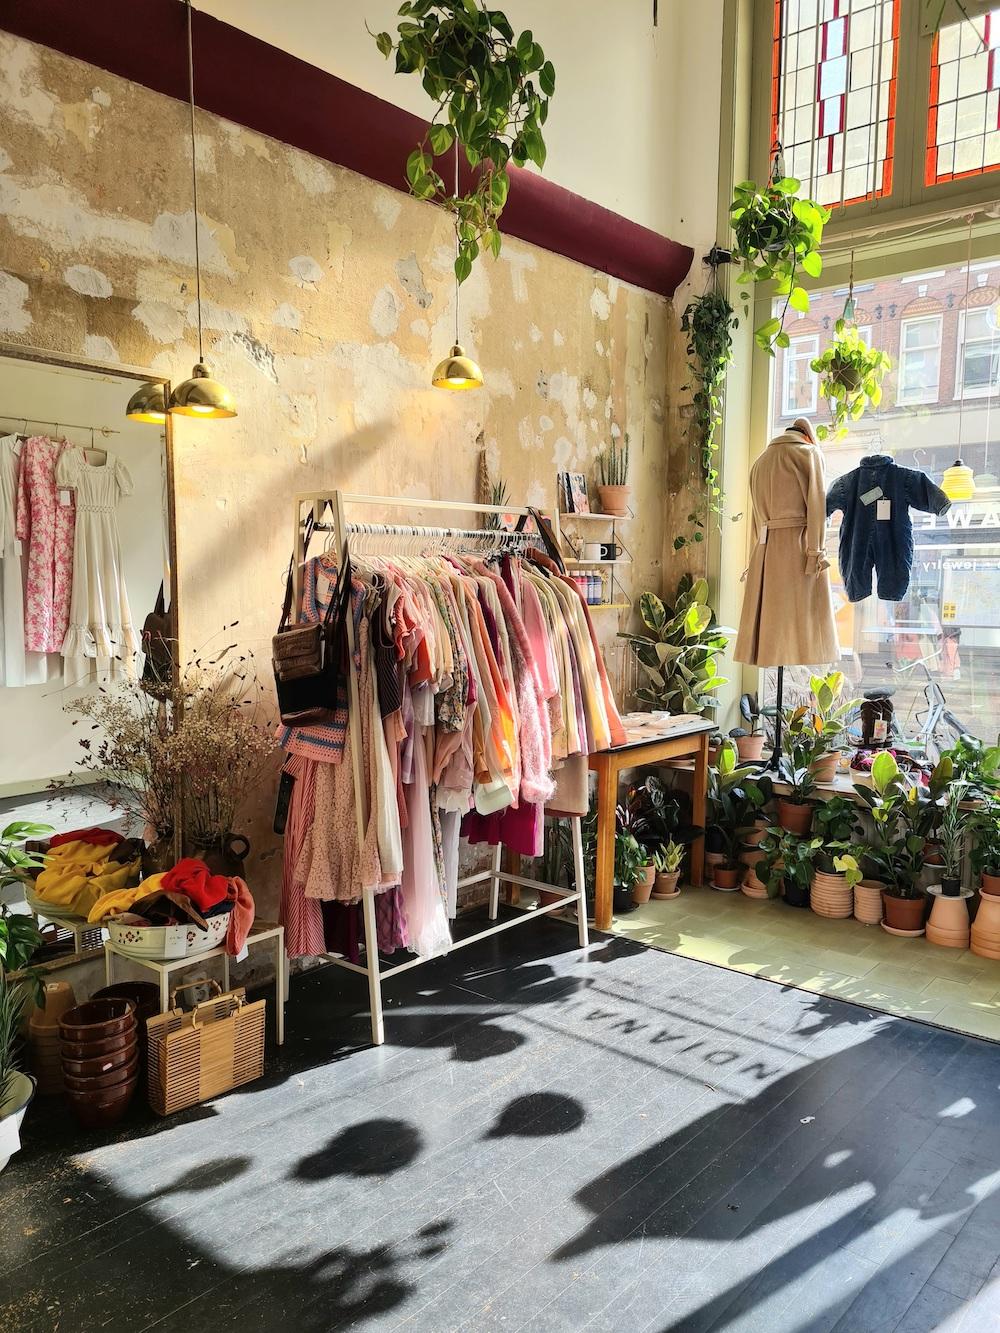 Bij Indianaweg in Amsterdam vind je zorgvuldig uitgekozen vintage kleding, handgemaakte sieraden, tassen, planten & potten en meer.